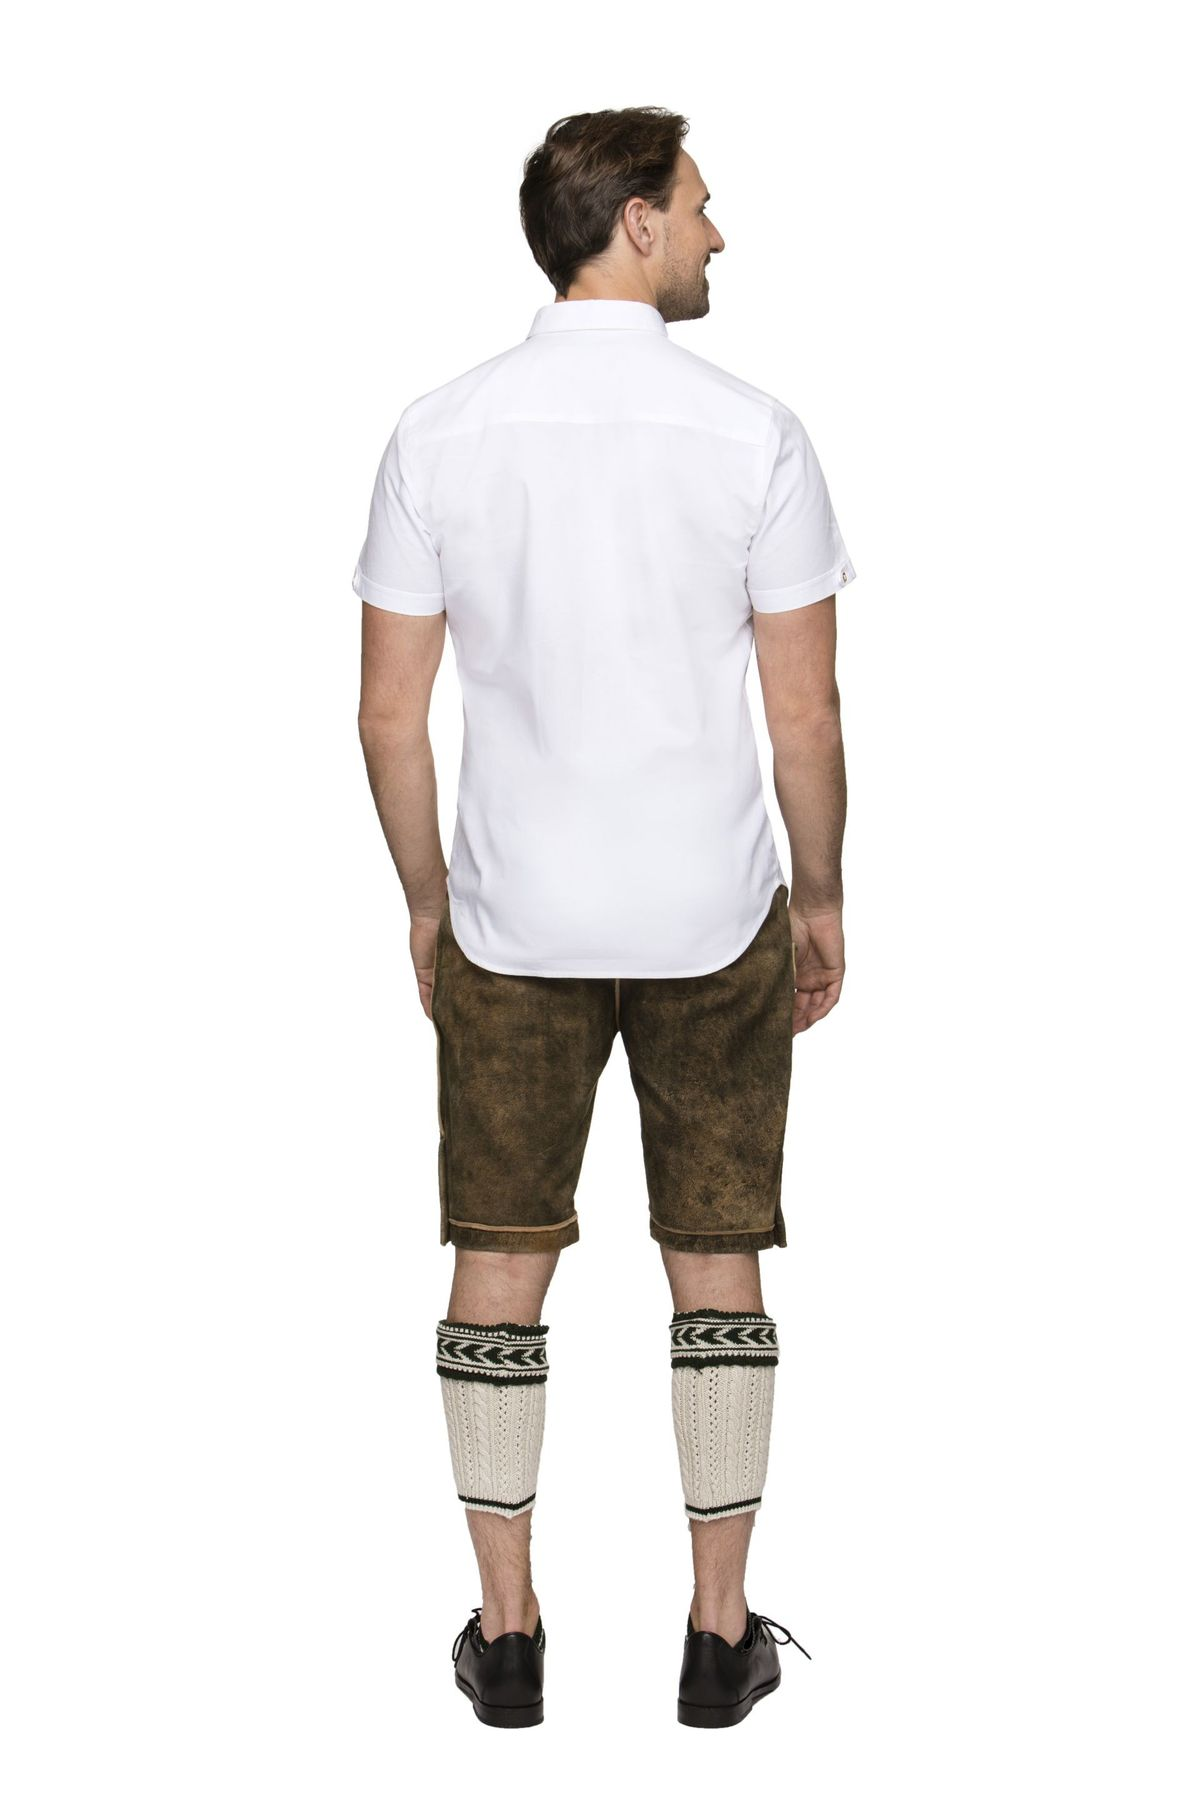 Stockerpoint - Herren Trachtenhemd in der Farbe weiss, Bodo – Bild 5